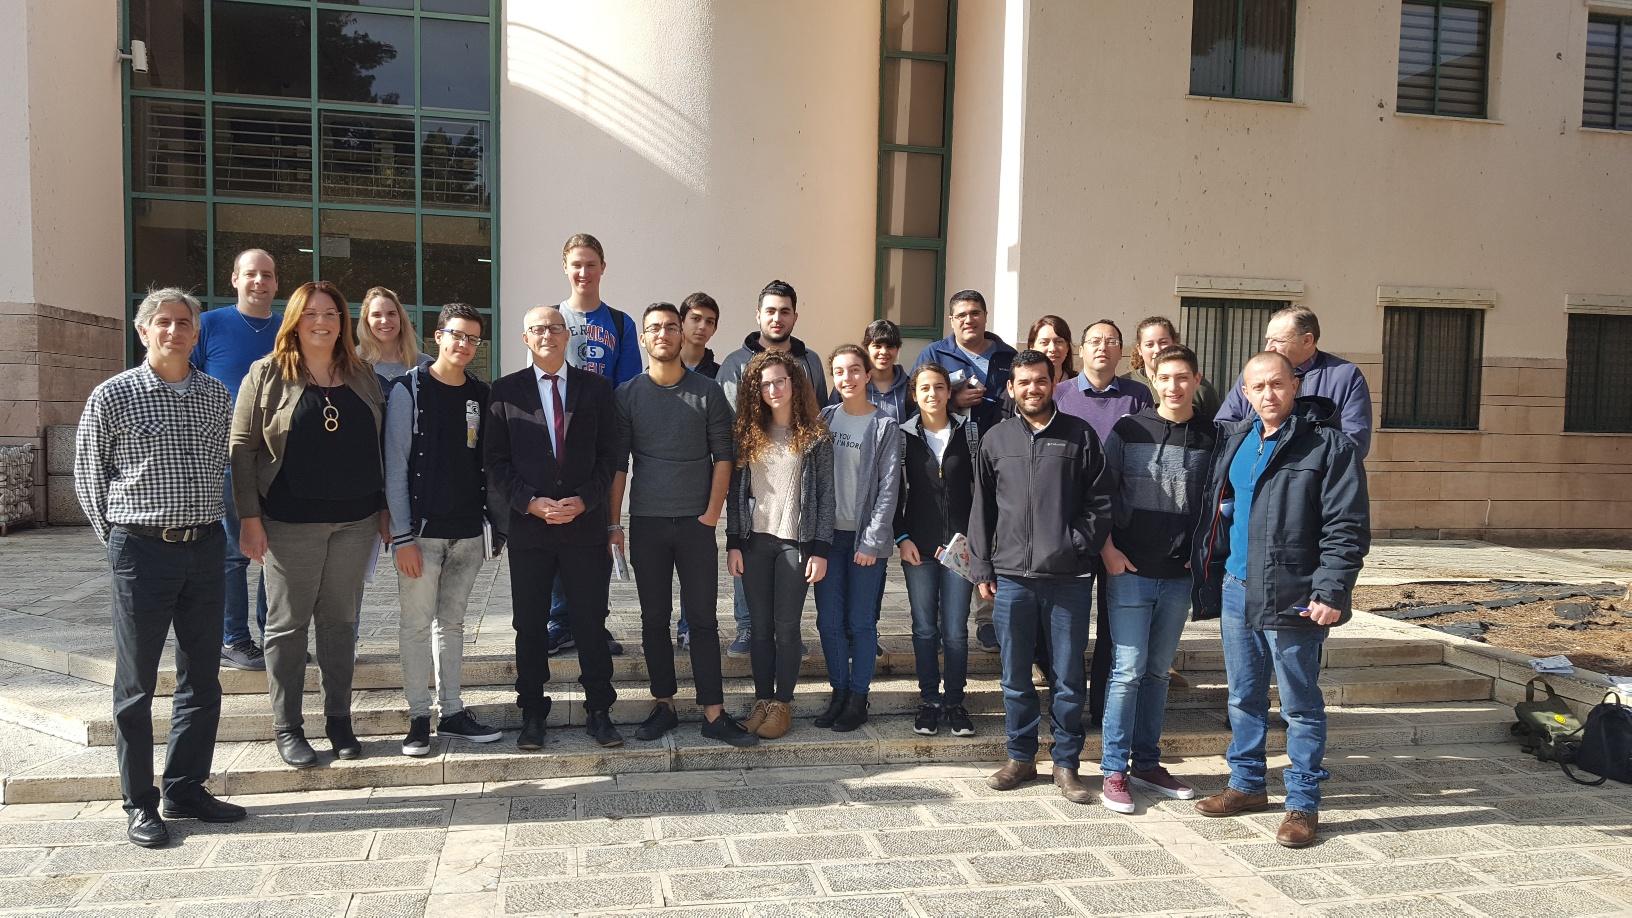 יום חילופי השלטון: מועצת הנוער החליפה ליום אחד את הנהלת עיריית נשר